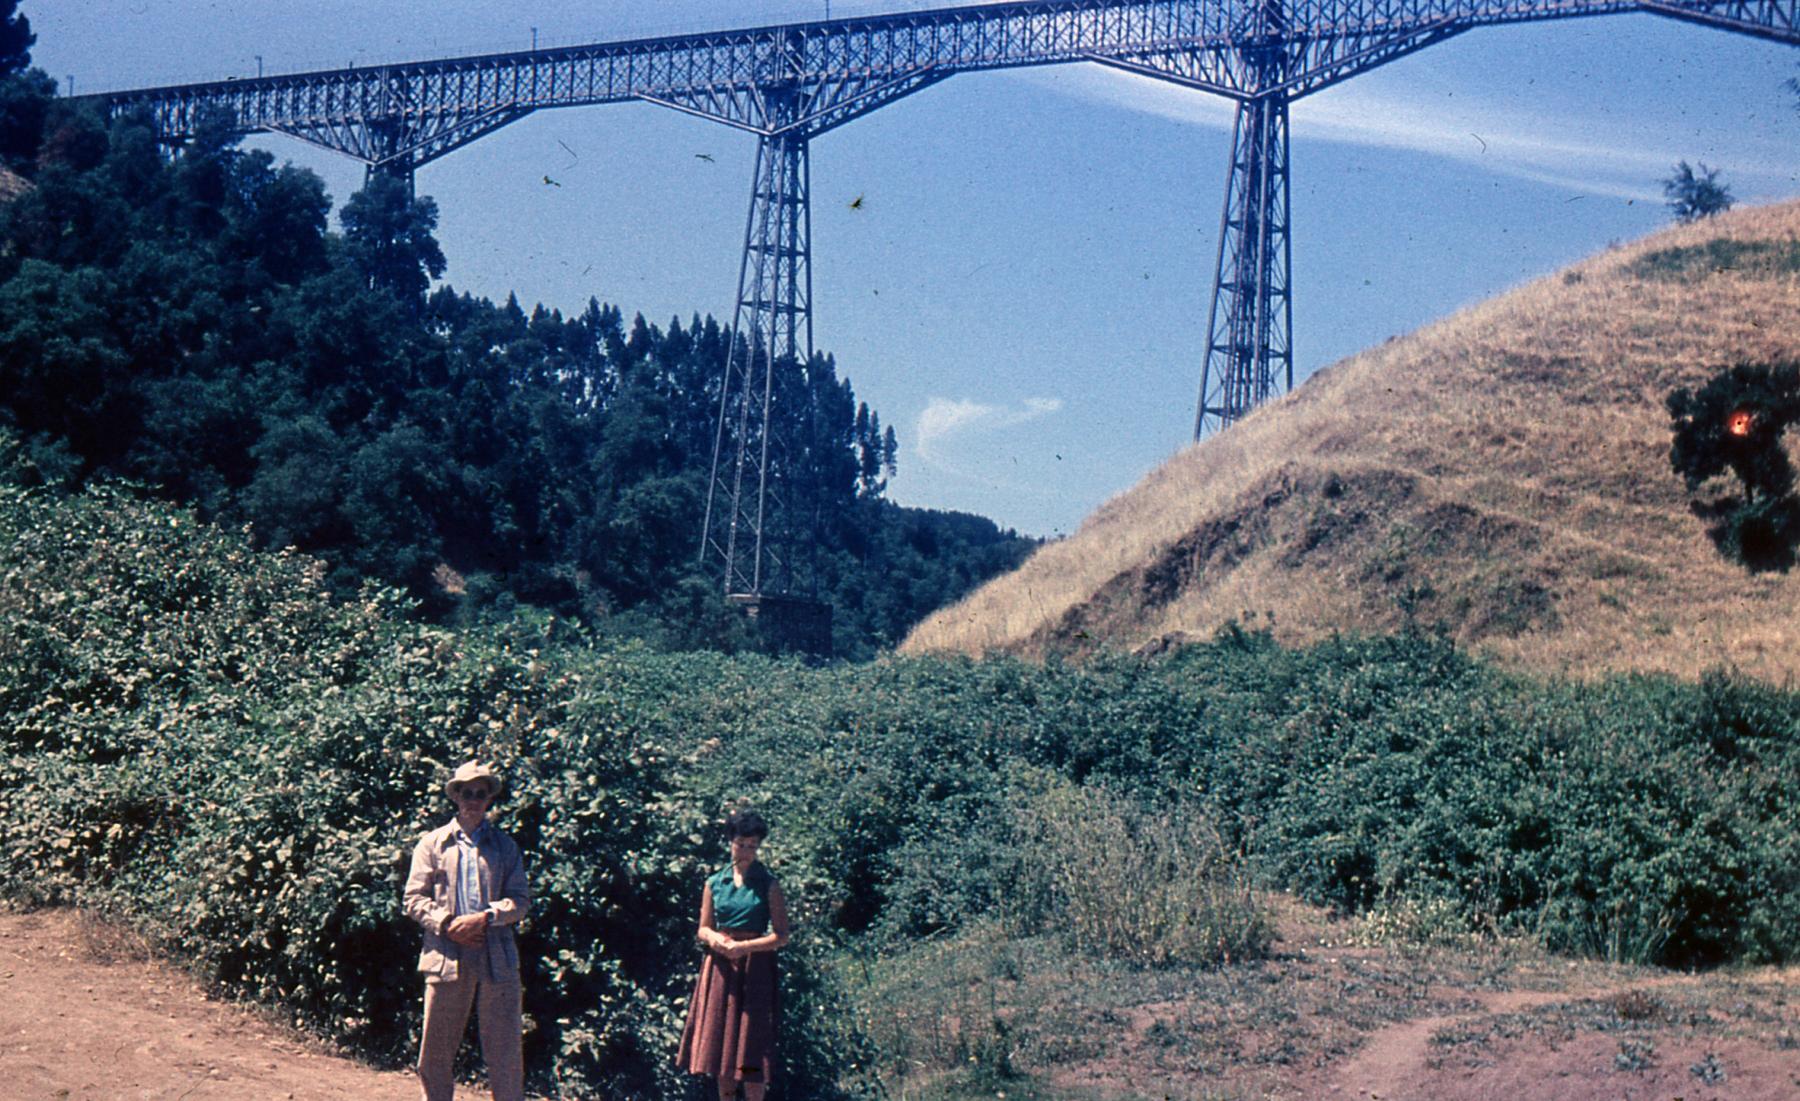 Enterreno - Fotos históricas de chile - fotos antiguas de Chile - Viaducto del Malleco, Enero de 1955